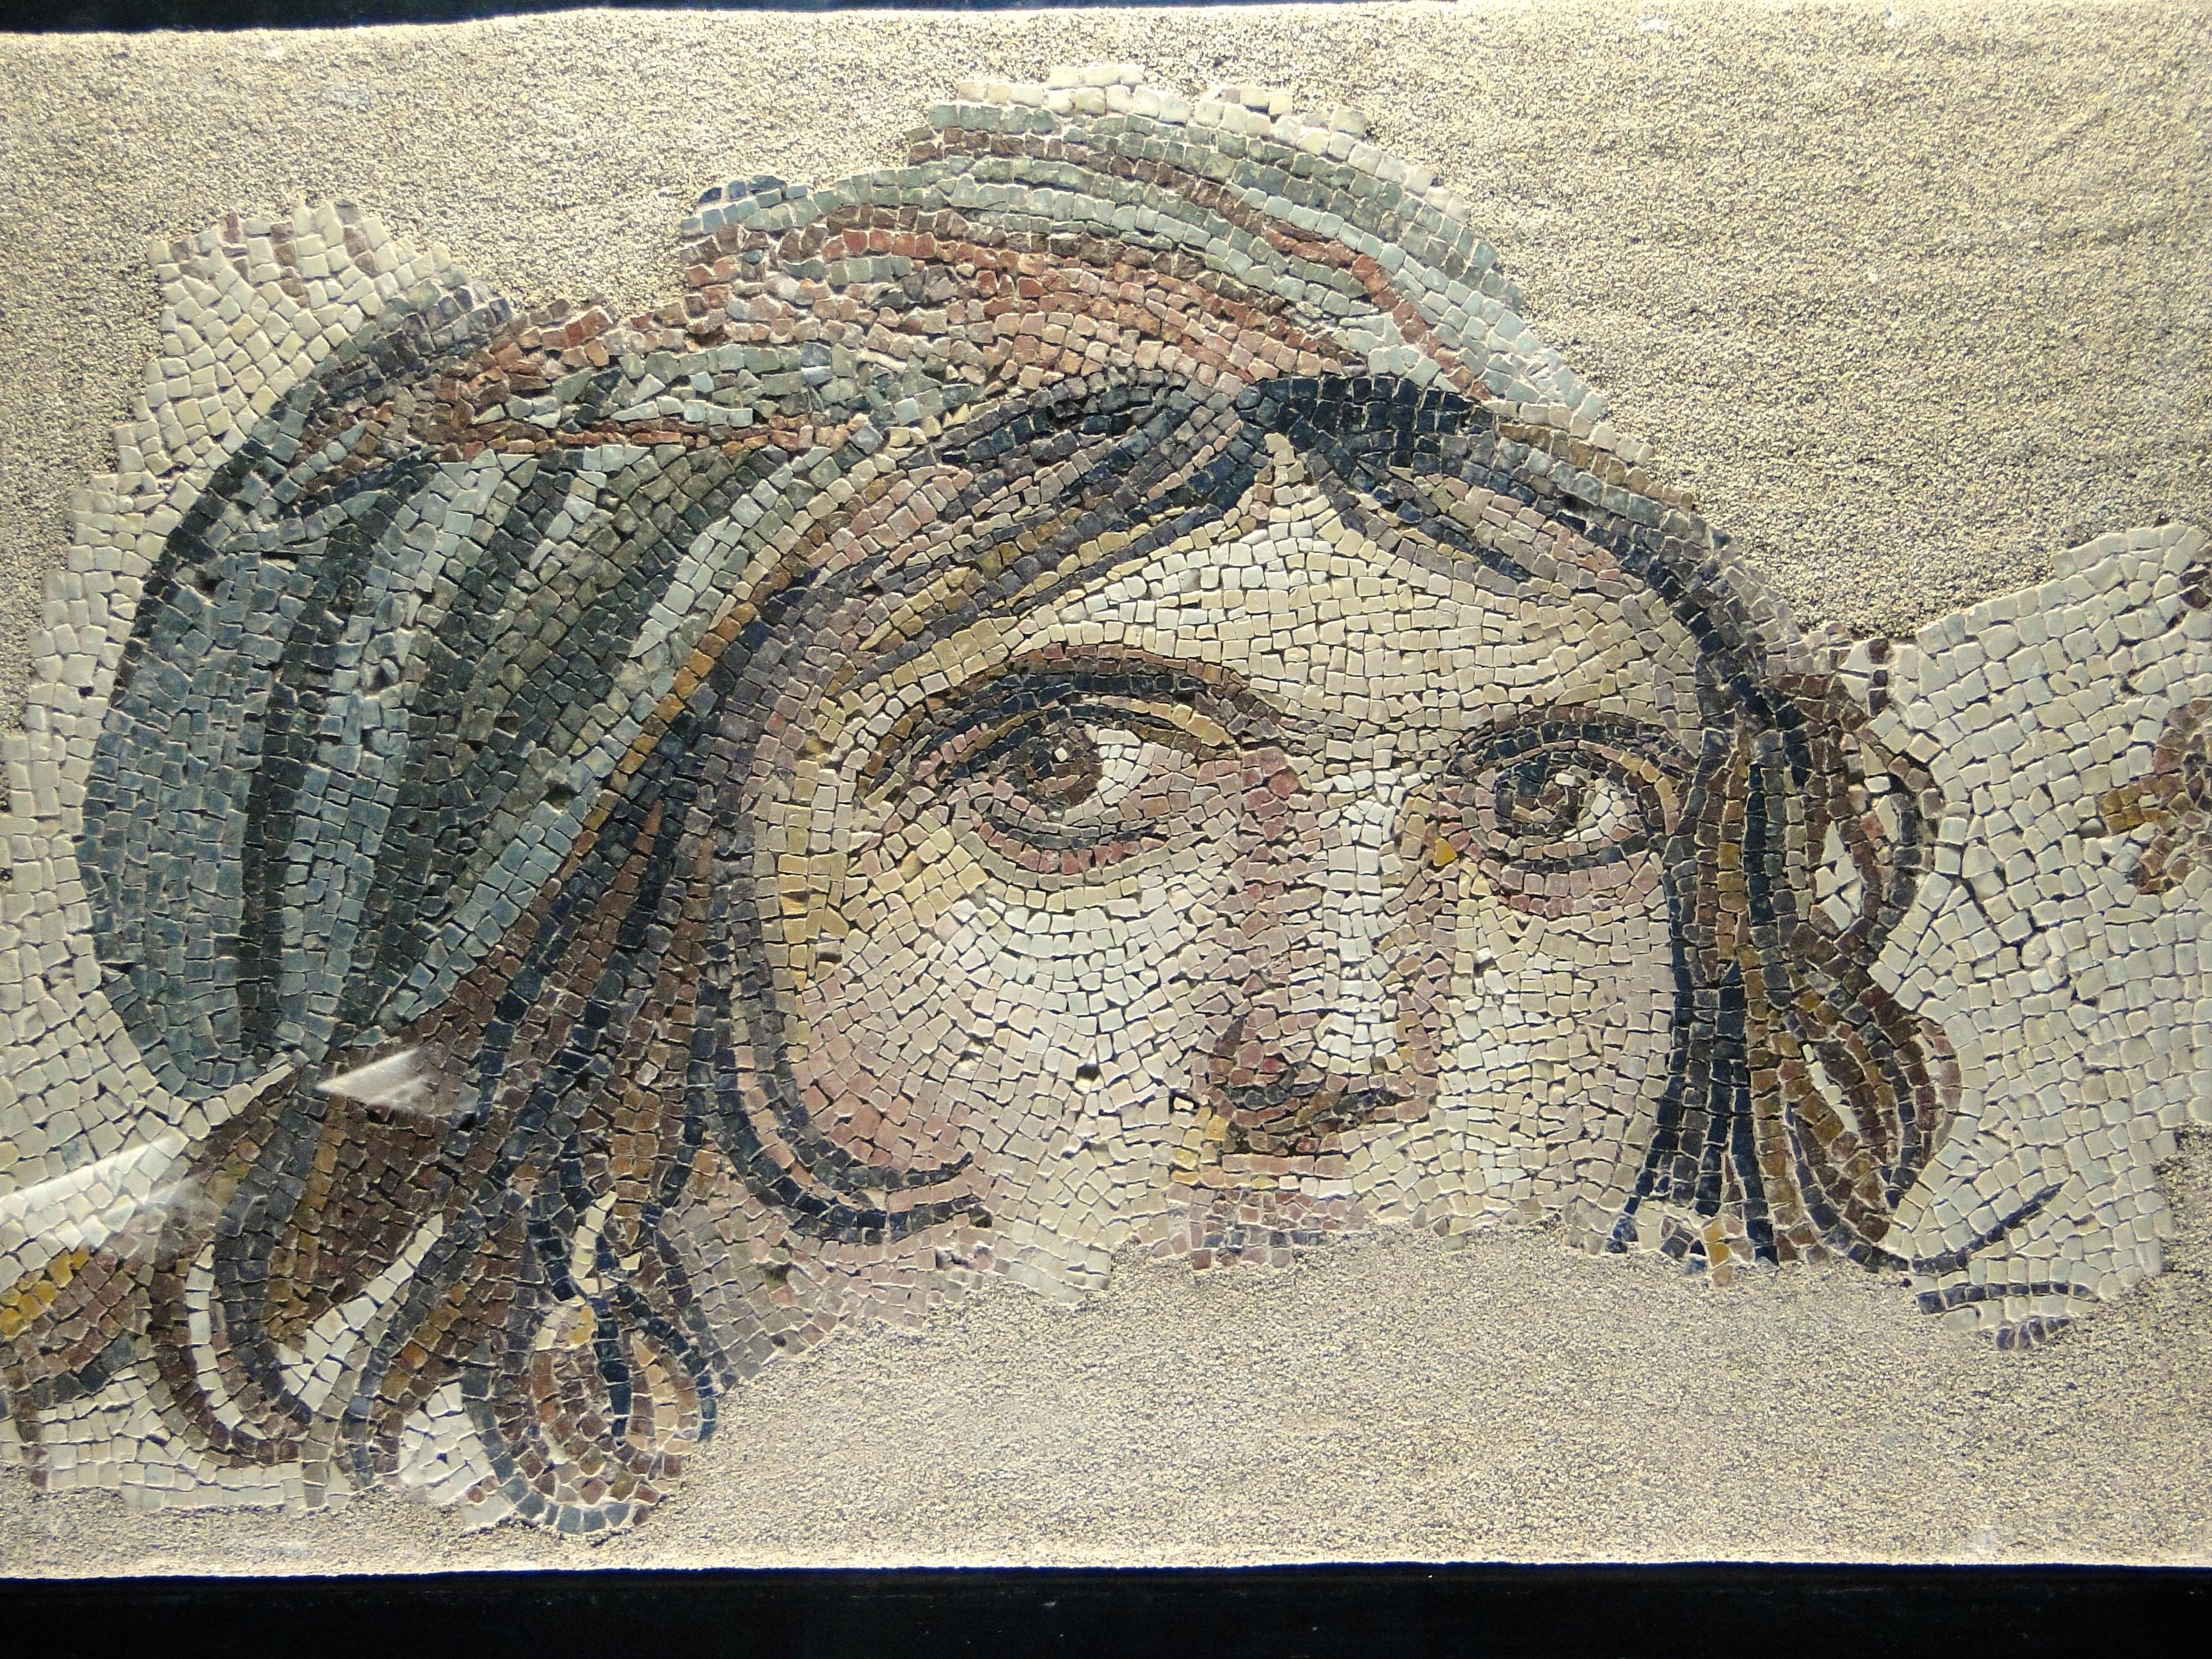 Zeugma Examples The zeugma mosaic museum inZeugma Examples